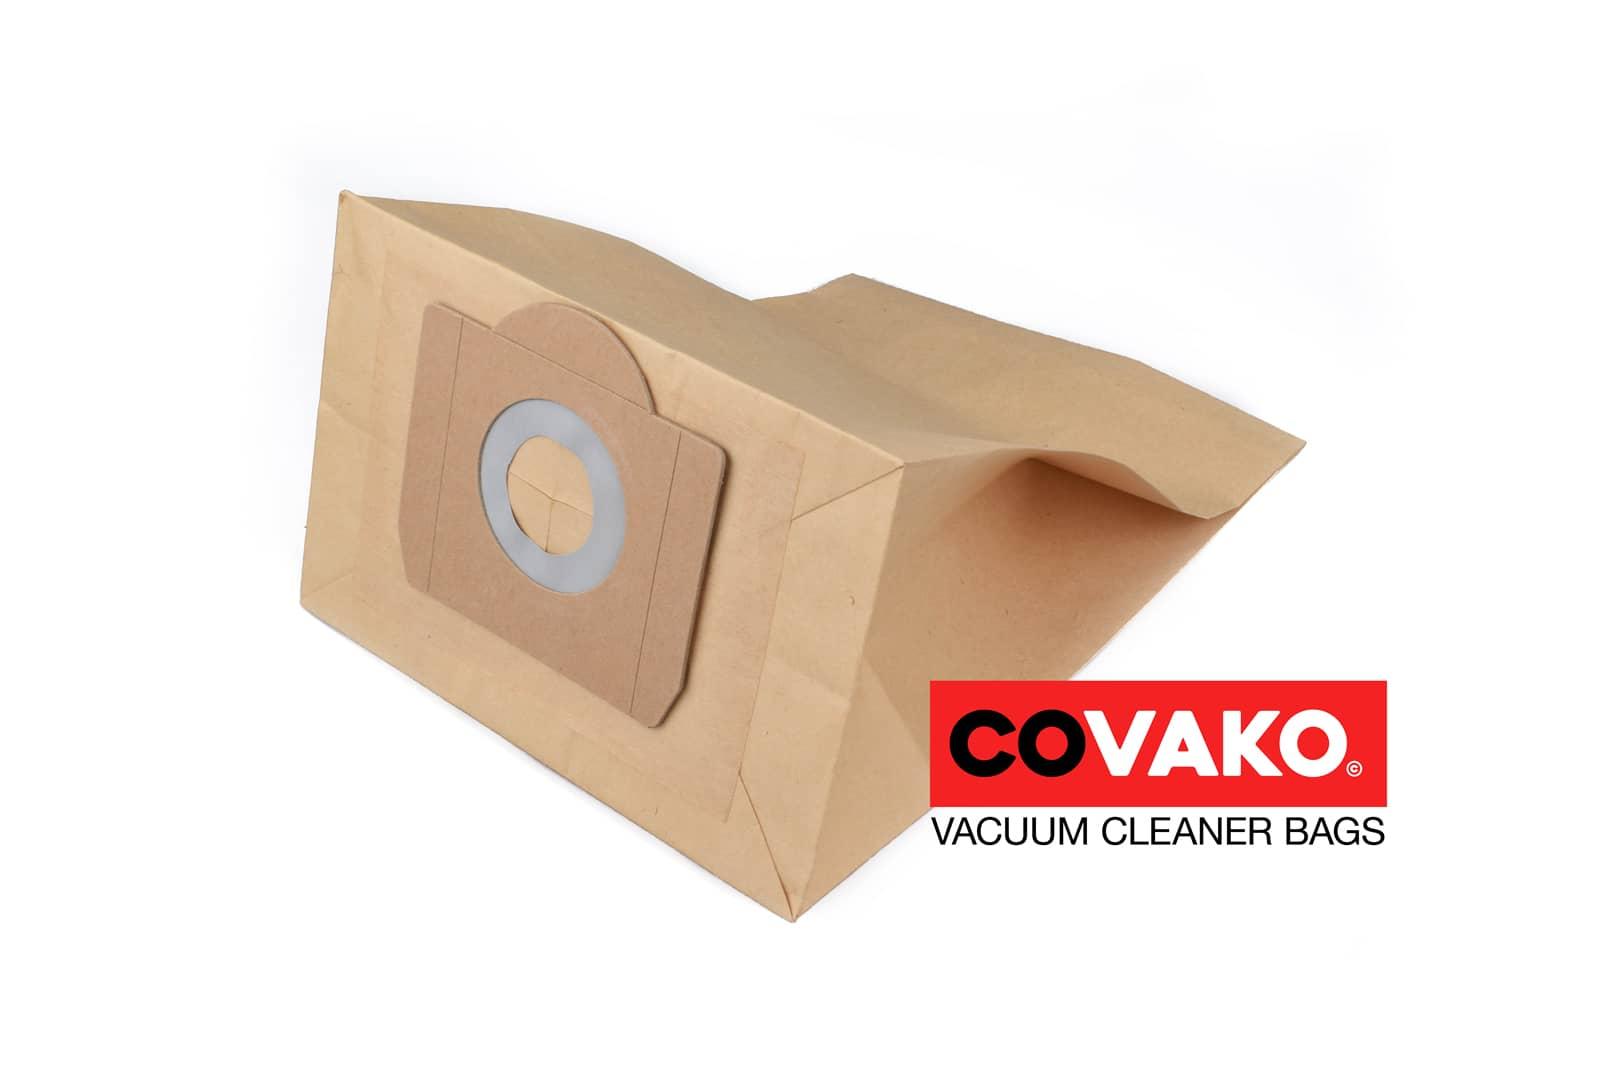 Gansow G 10P + / Papier - Gansow sacs d'aspirateur